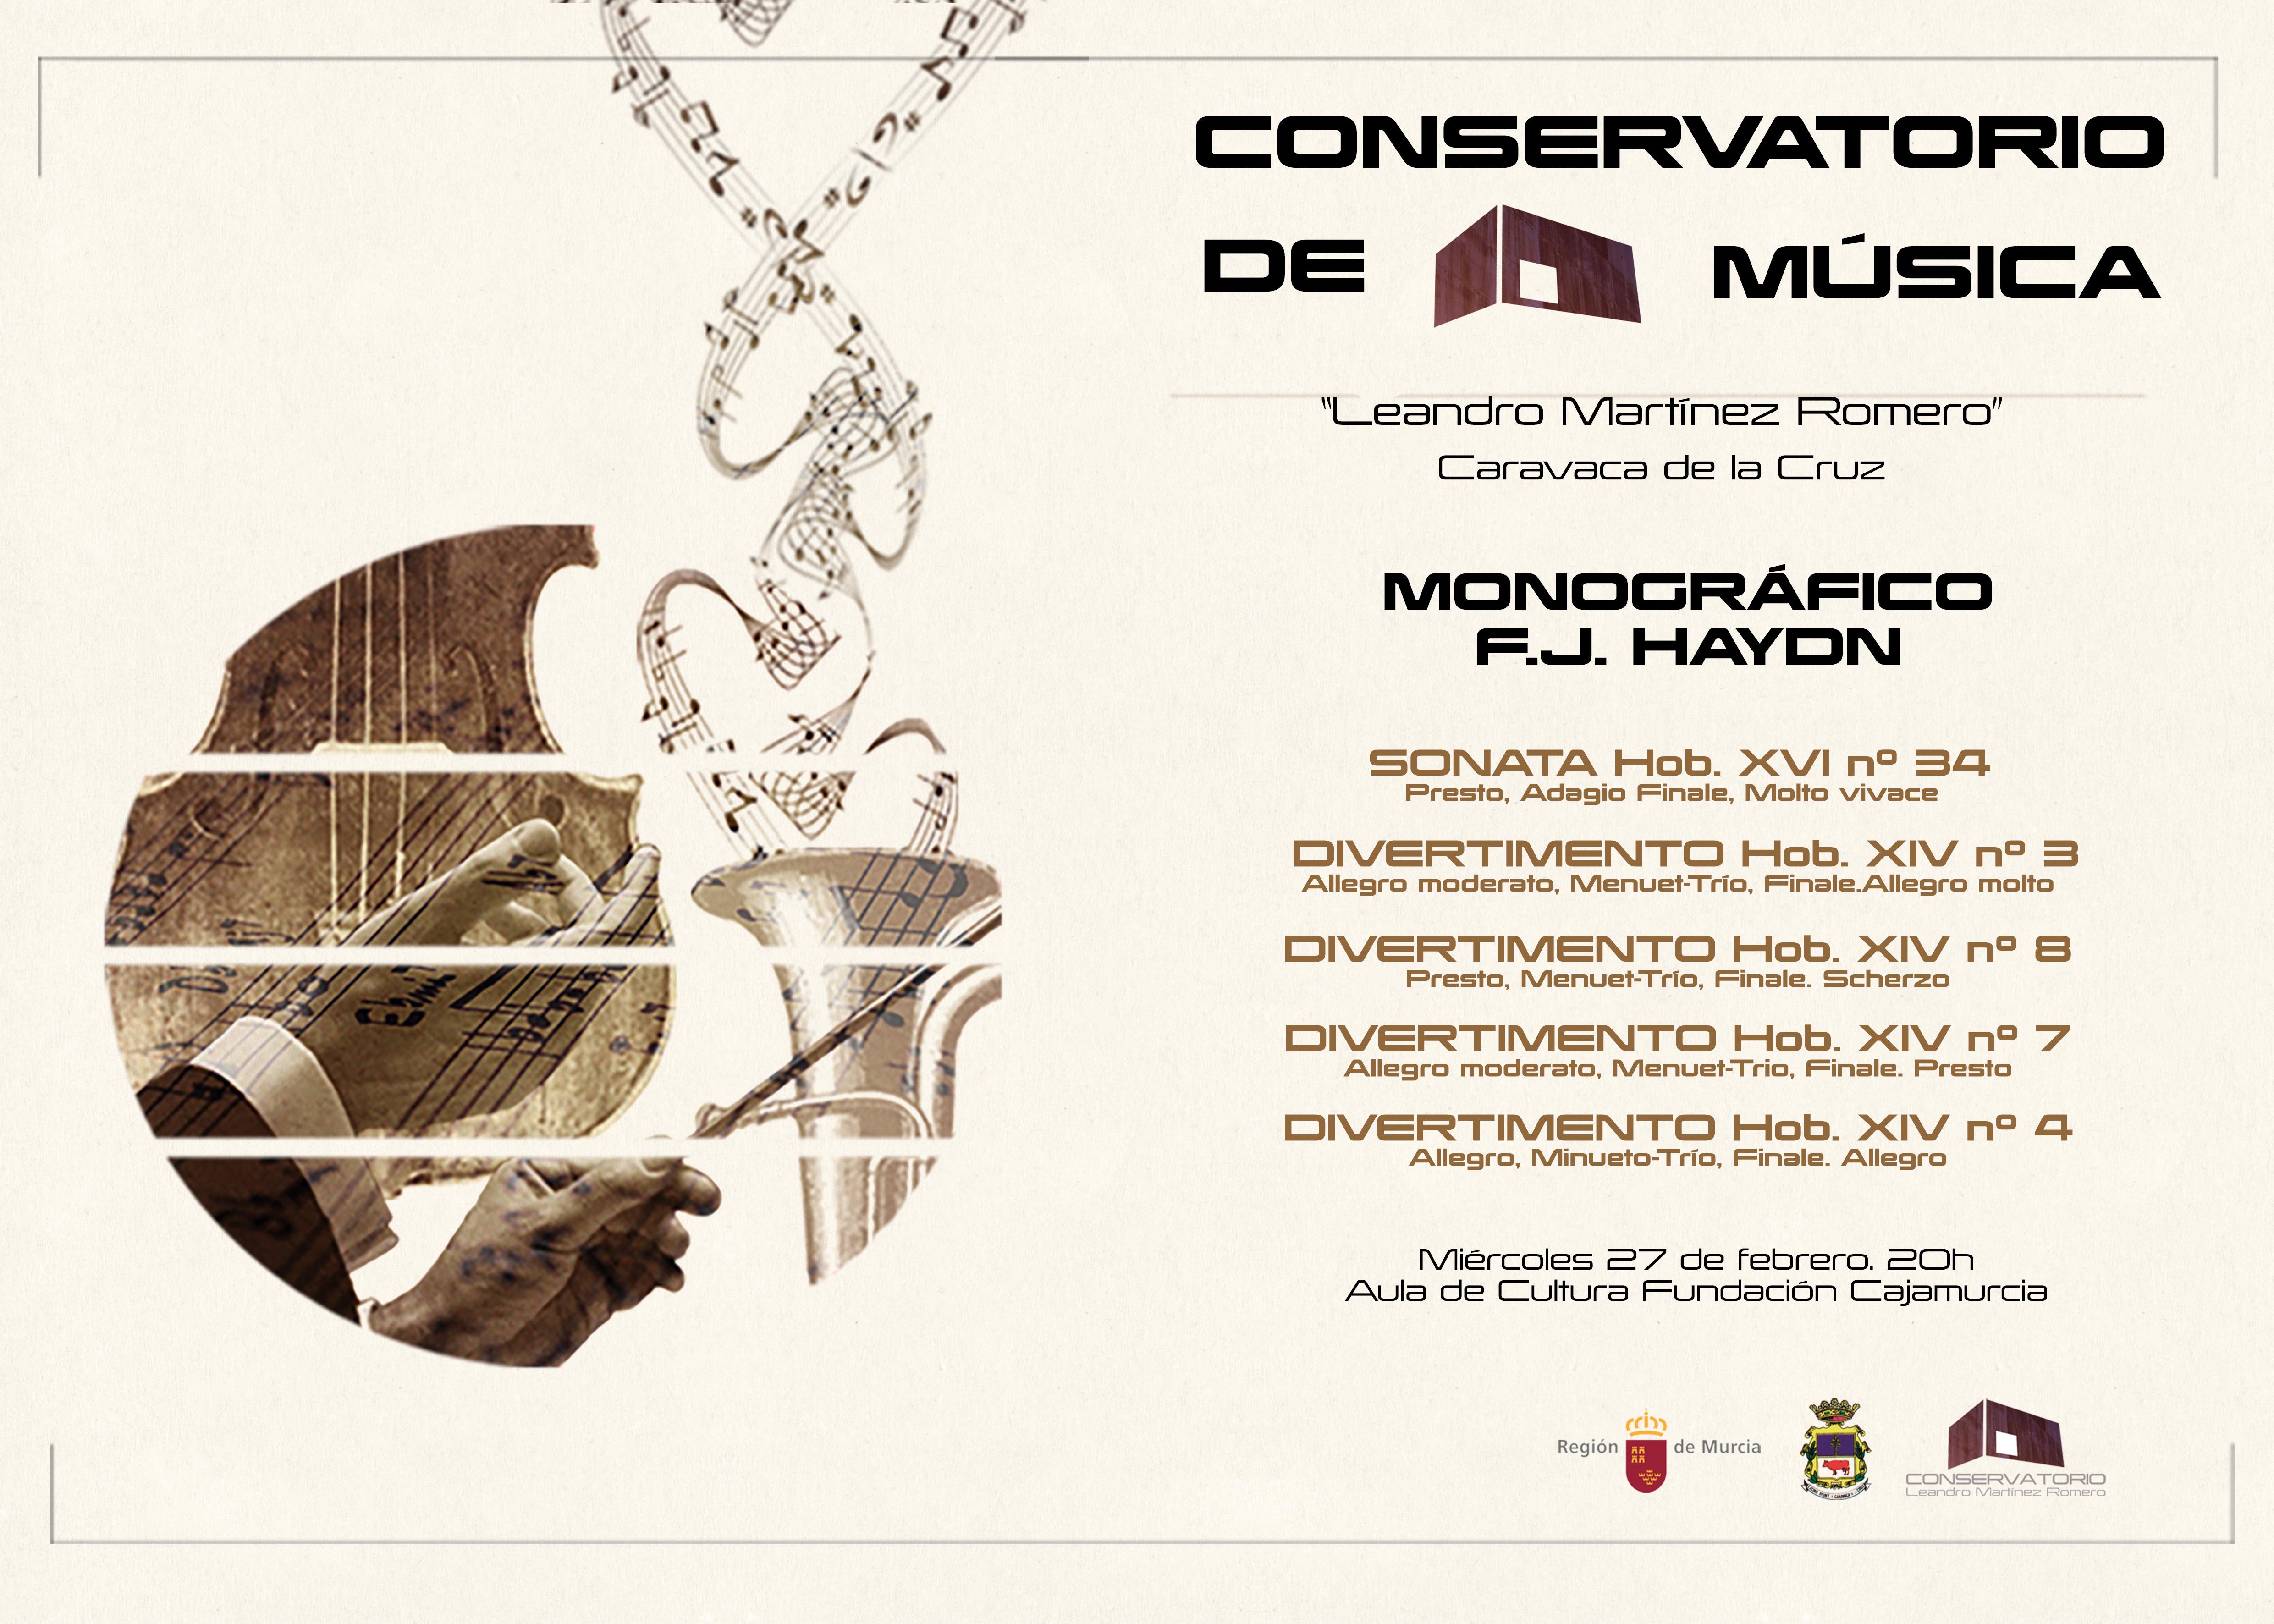 Concierto monográfico F. J. Haydn del Conservatorio de Música Leandro Martínez Romero de Caravaca de la Cruz